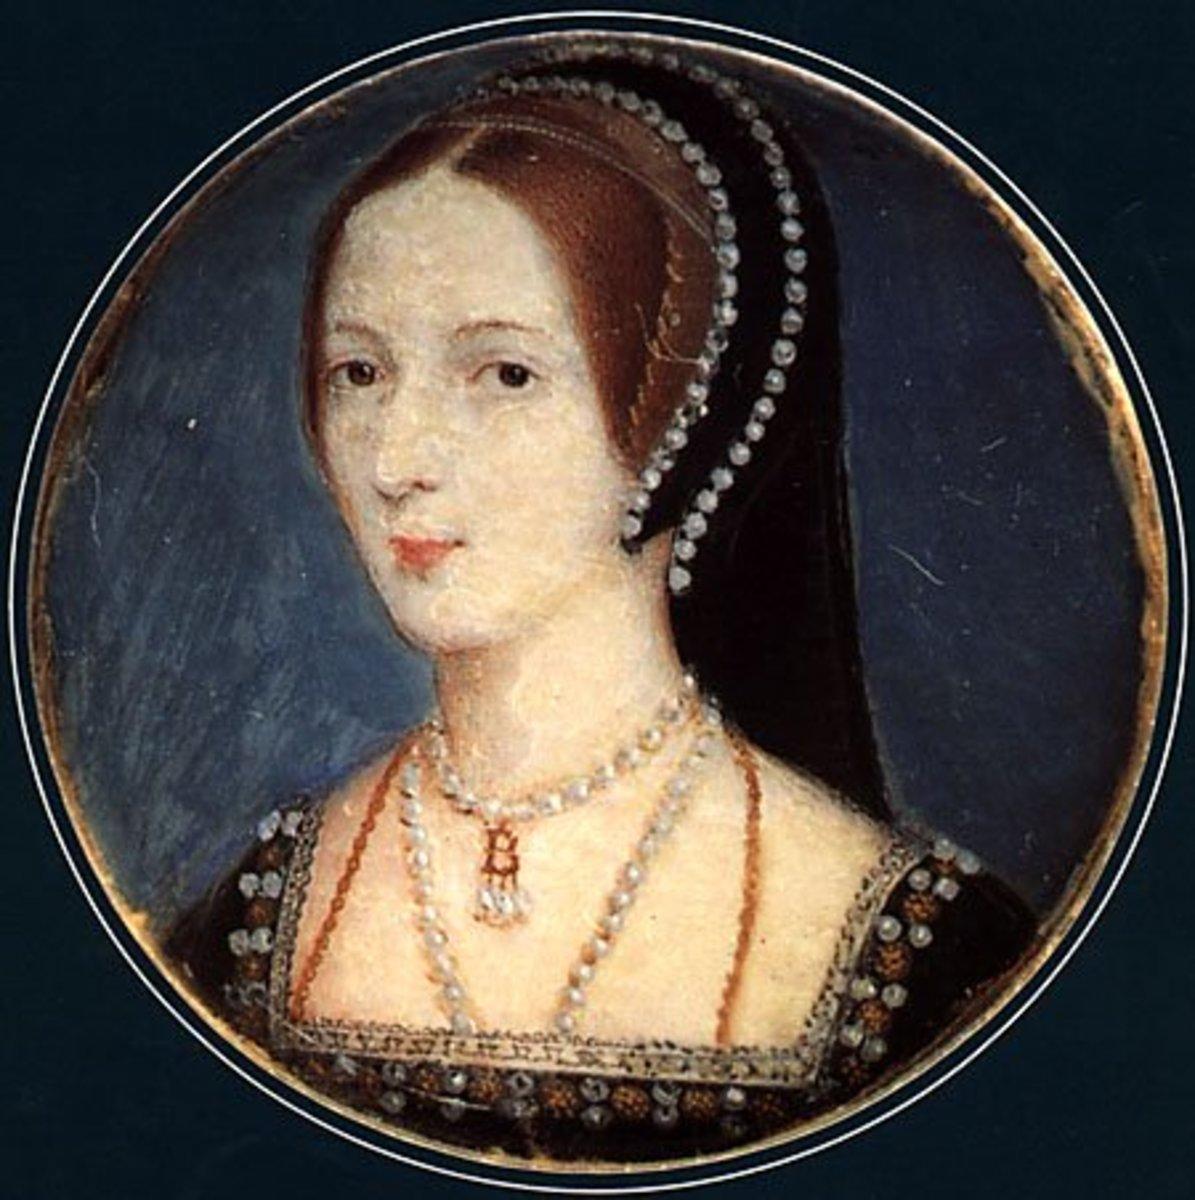 Anne Boleyn in her youth